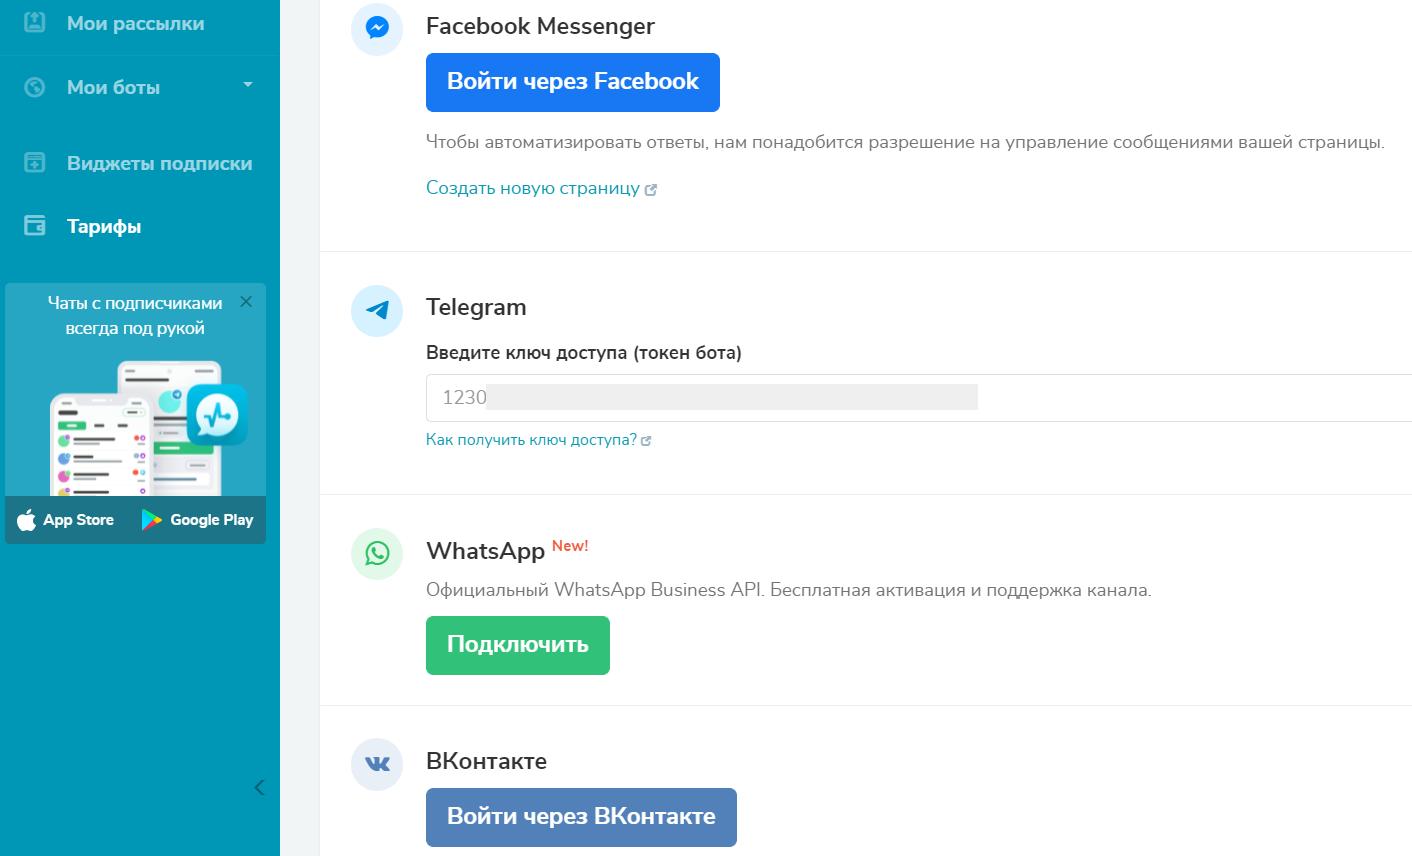 бесплатная email рассылка в сендпульсе чат-боты в мессенджере